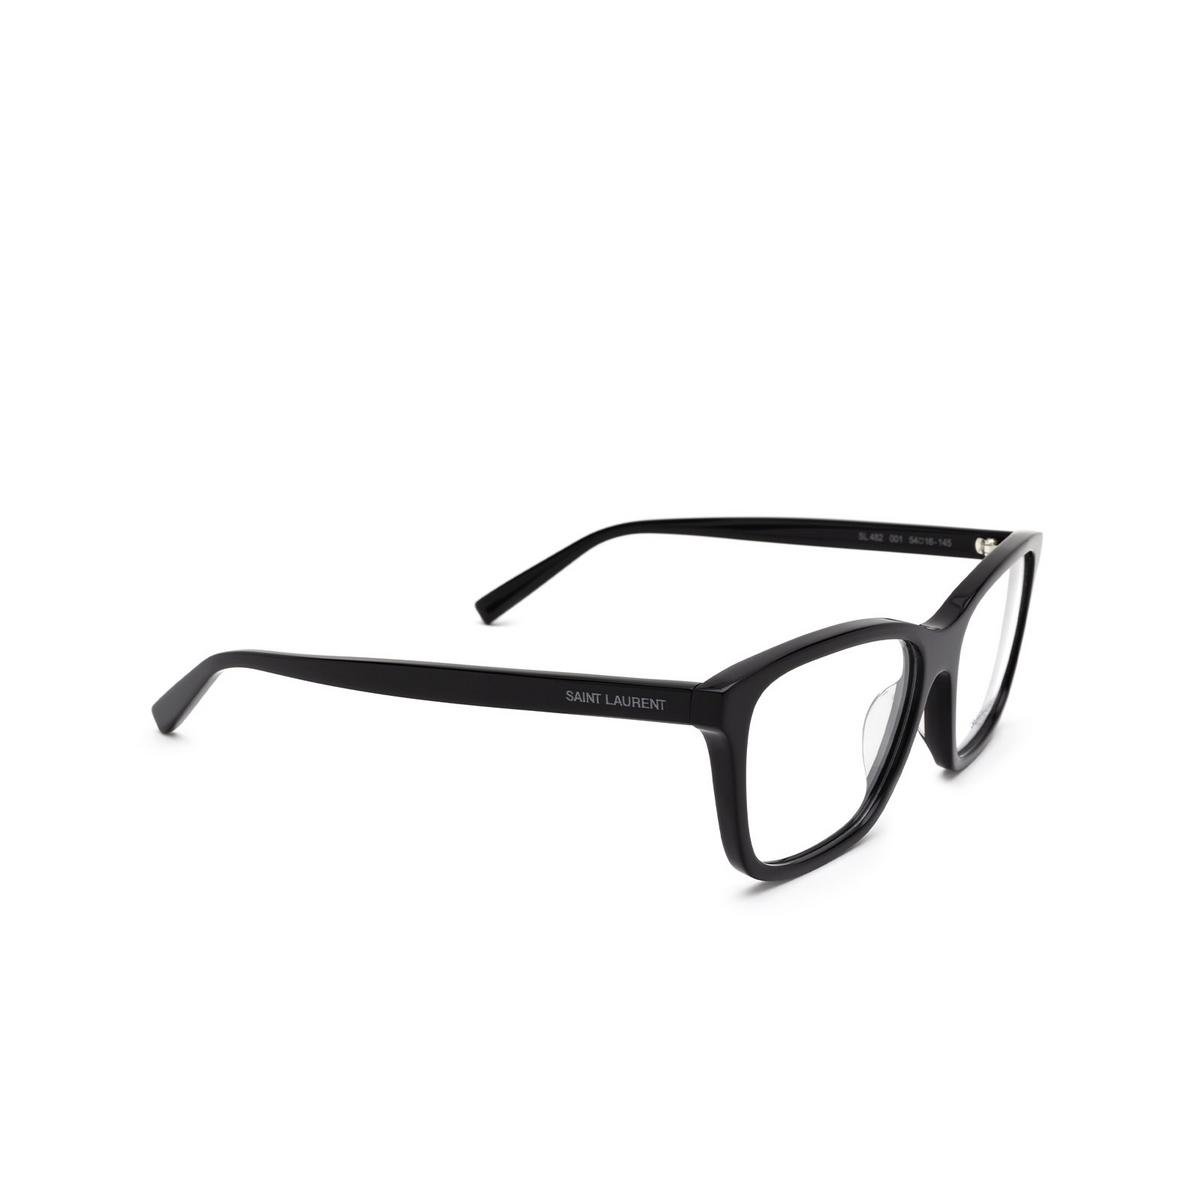 Saint Laurent® Rectangle Eyeglasses: SL 482 color Black 001 - three-quarters view.